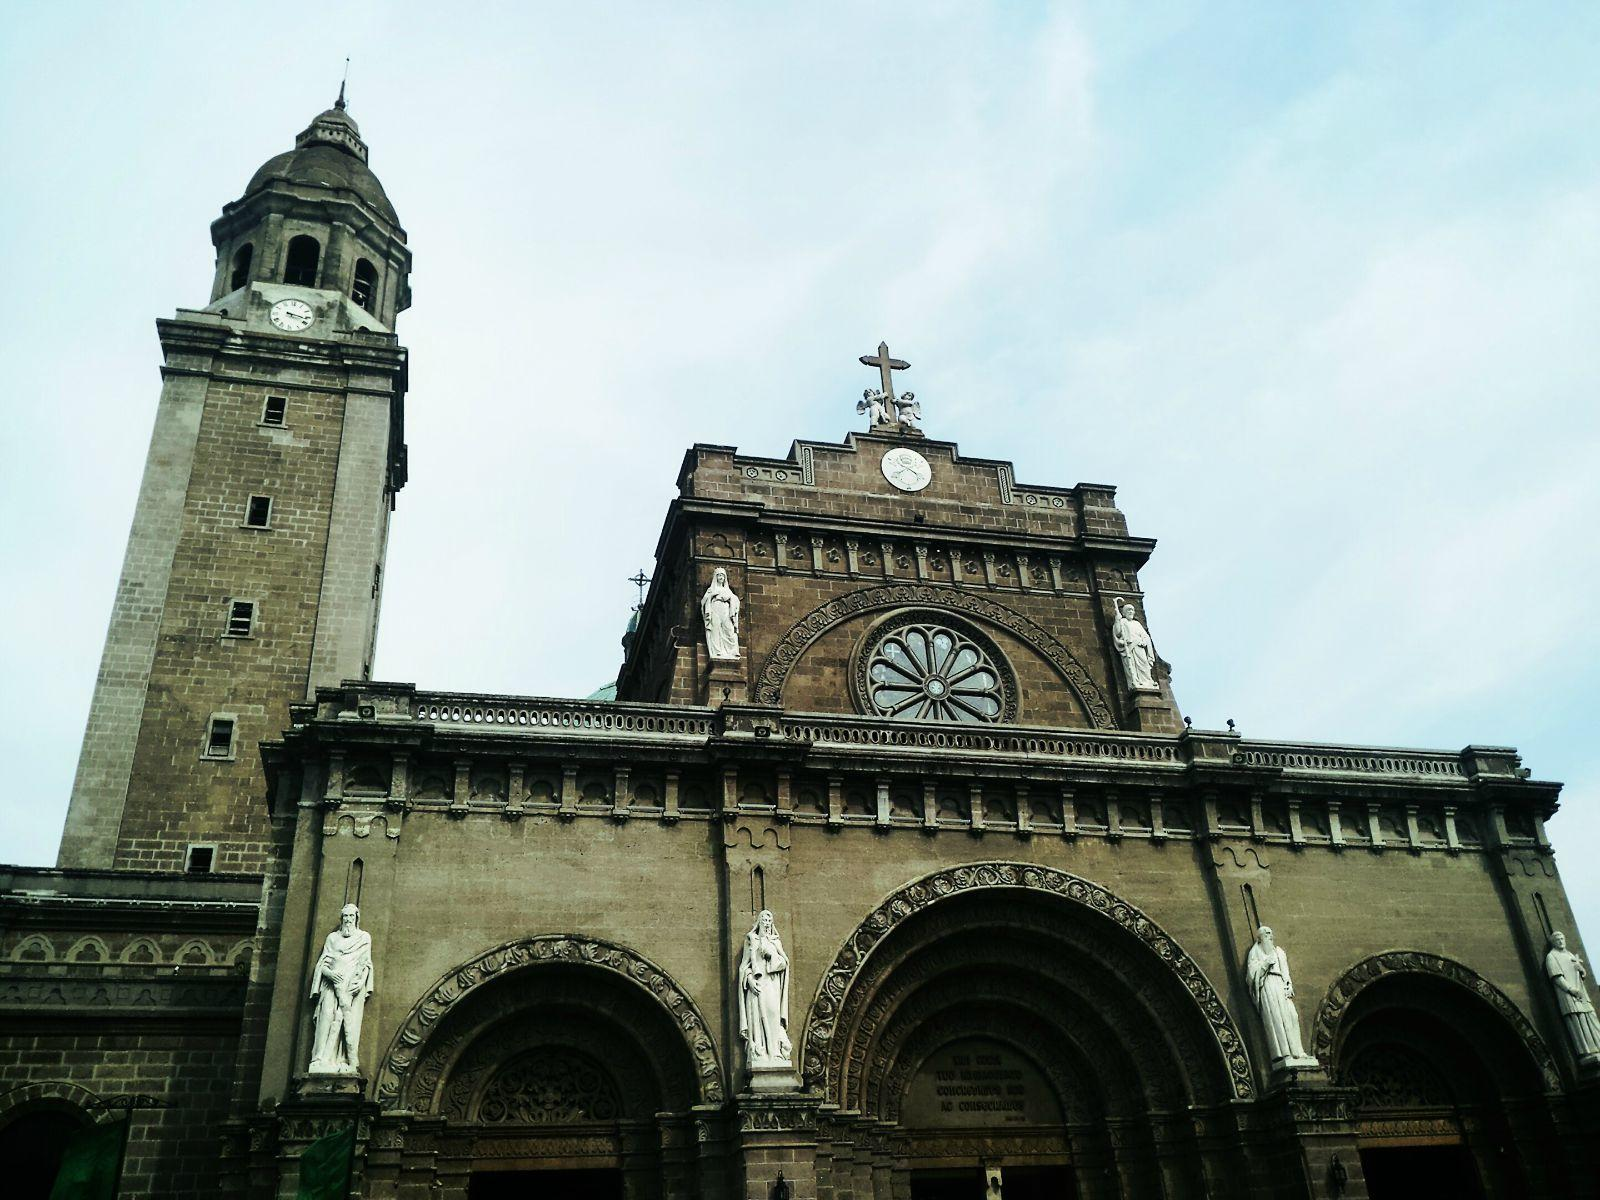 完全欧式建筑风格的大教堂